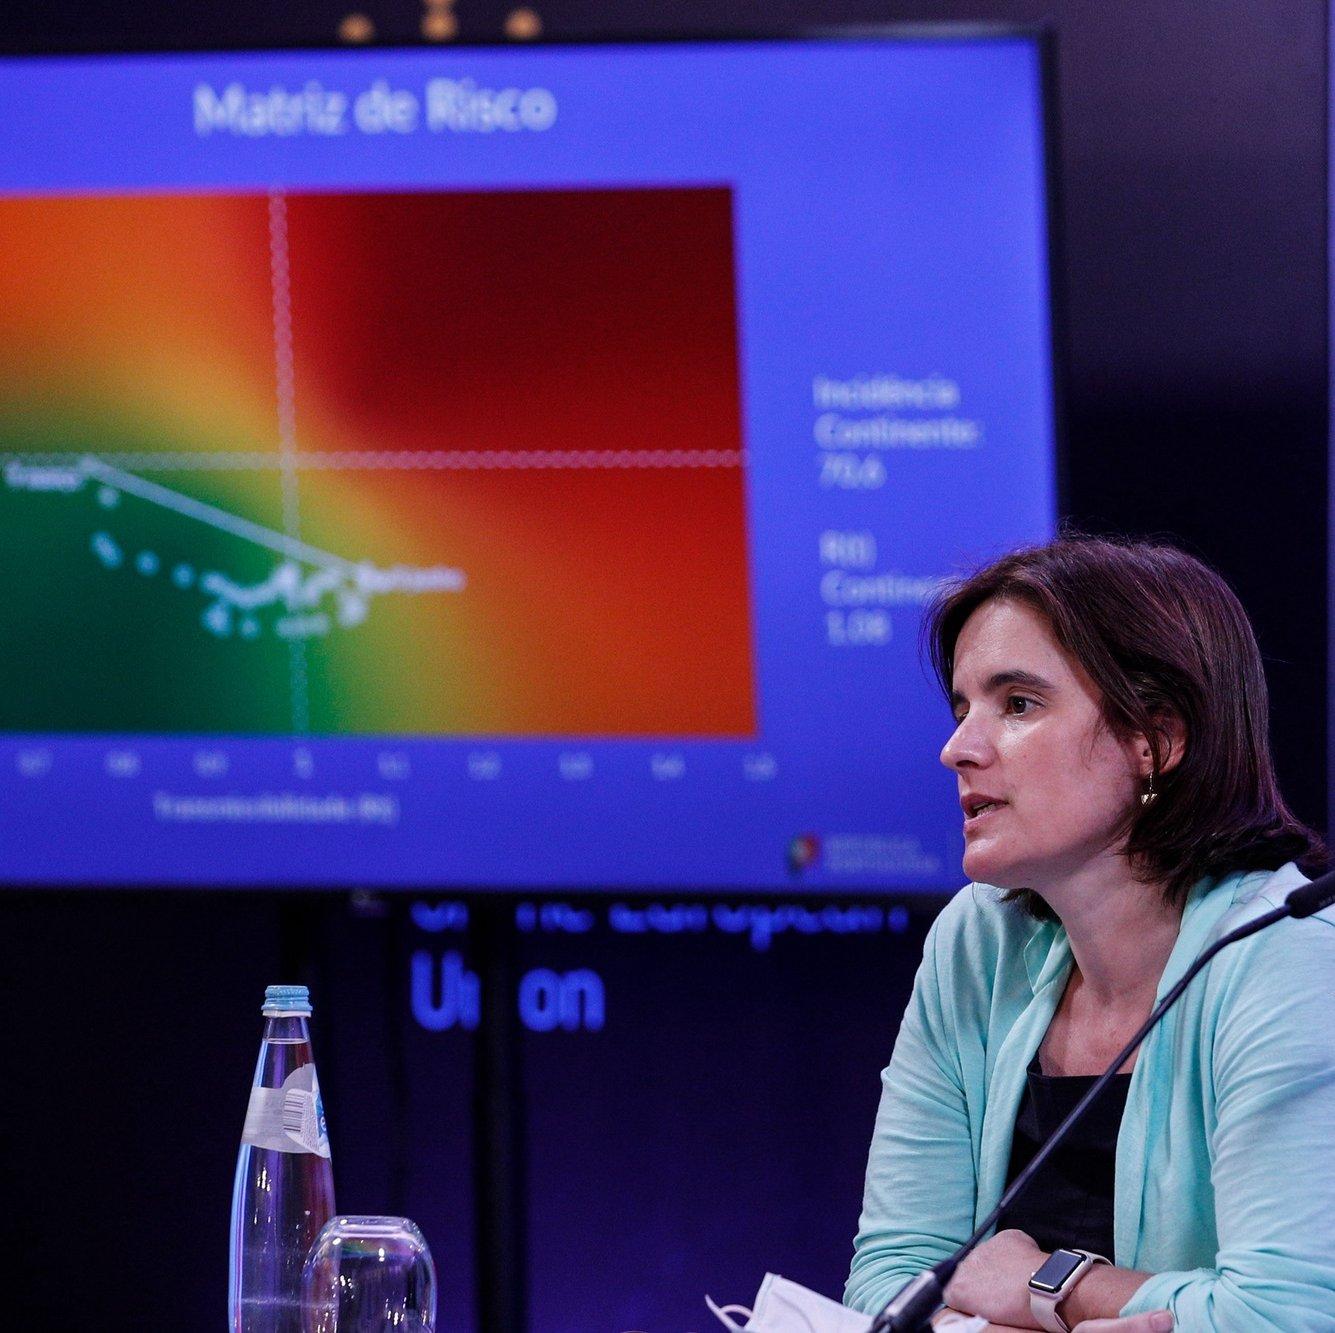 A ministra da Presidência e da Modernização Administrativa, Mariana Vieira da Silva, intervém durante a conferência de imprensa no final da reunião do Conselho de Ministros, que decorreu no Centro Cultural de Belém, em Lisboa, 09 de junho de 2021. ANTÓNIO COTRIM/LUSA